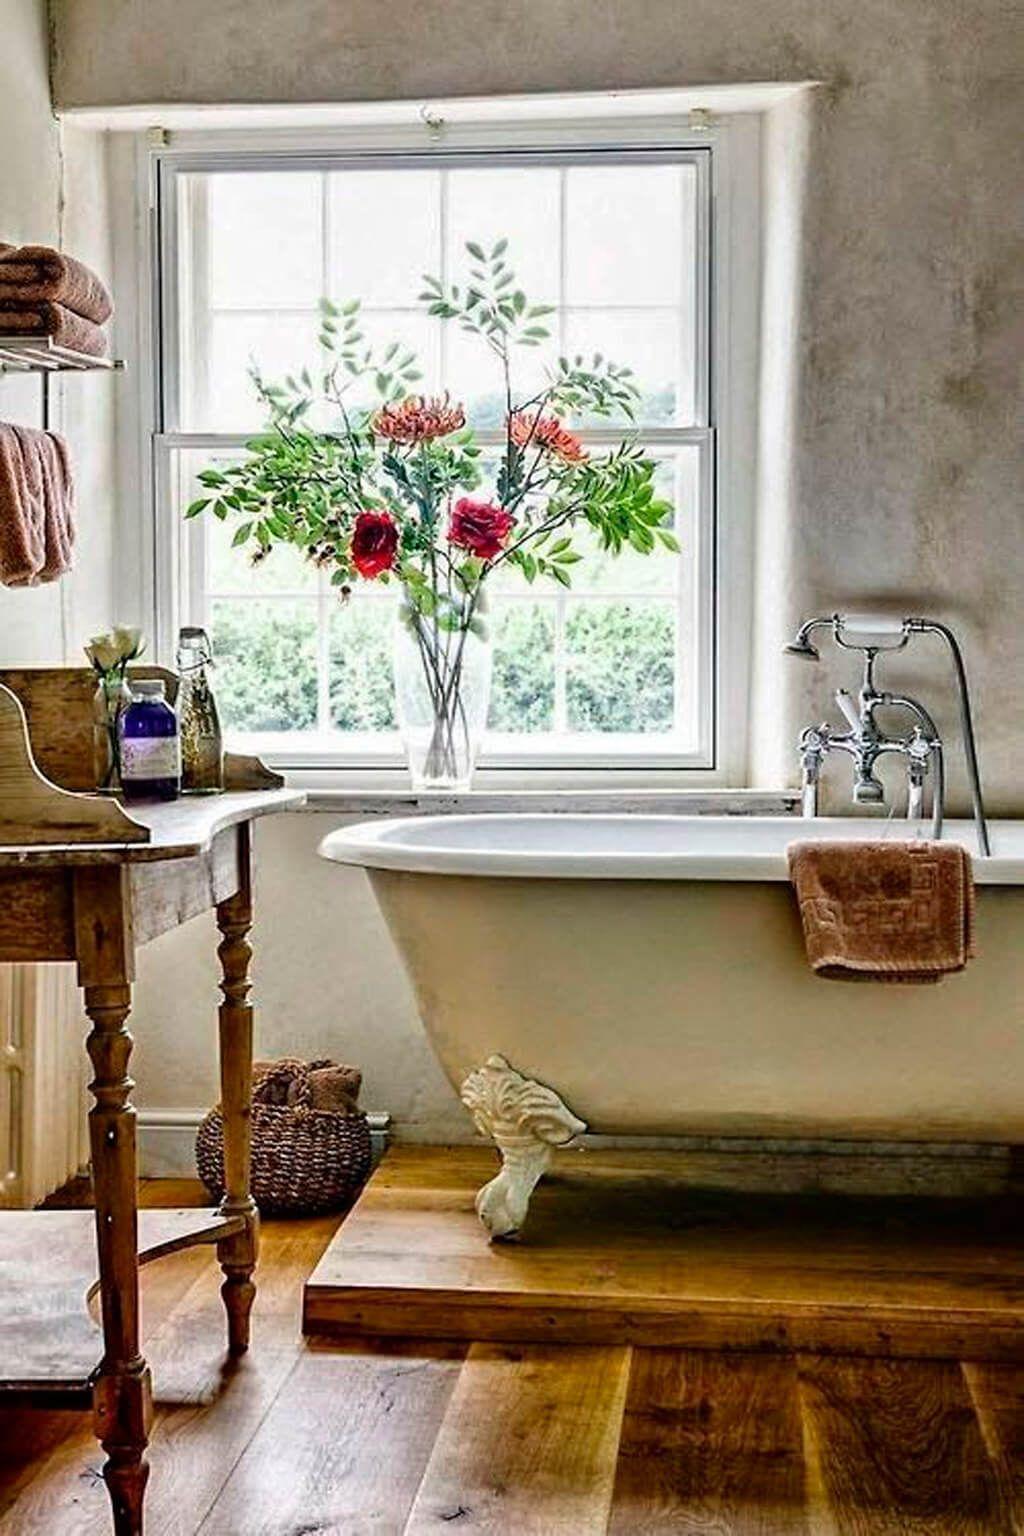 Farmhouse bathroom design - Farmhouse Bathroom D Cor With Elevated Bathtub